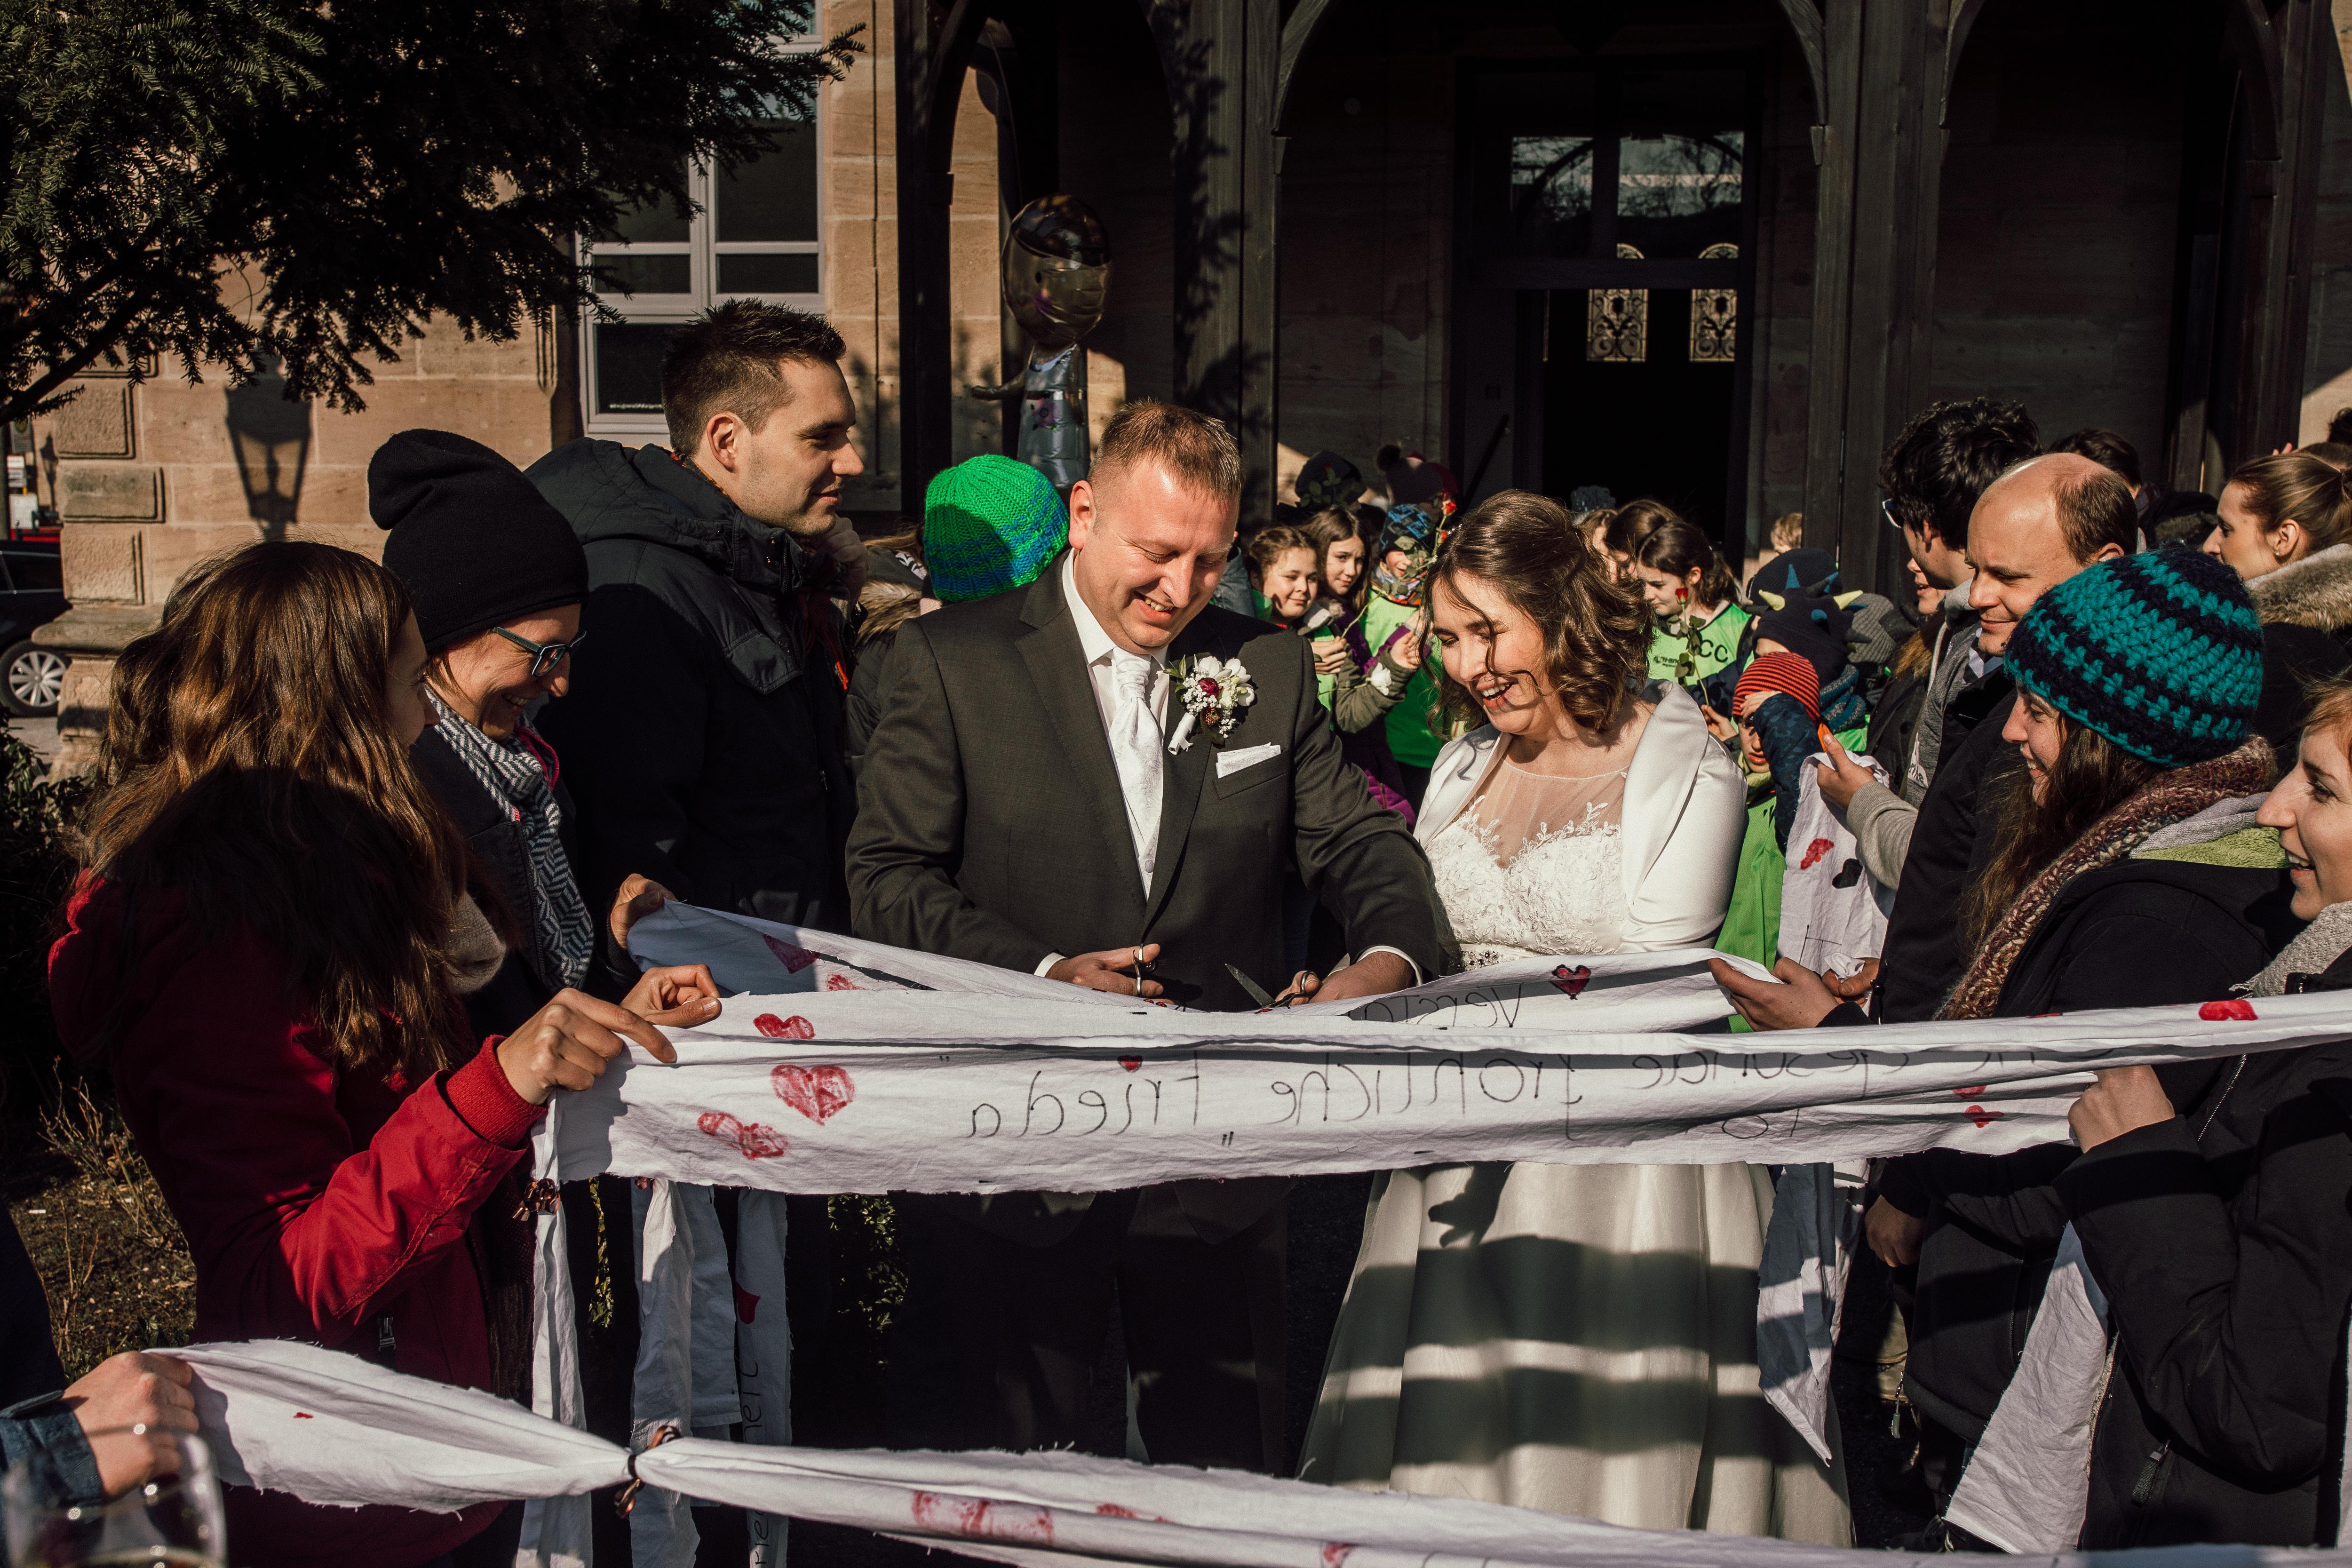 URBANERIE_Daniela_Goth_Hochzeitsfotografin_Nürnberg_Fürth_Erlangen_Schwabach_180223_0428